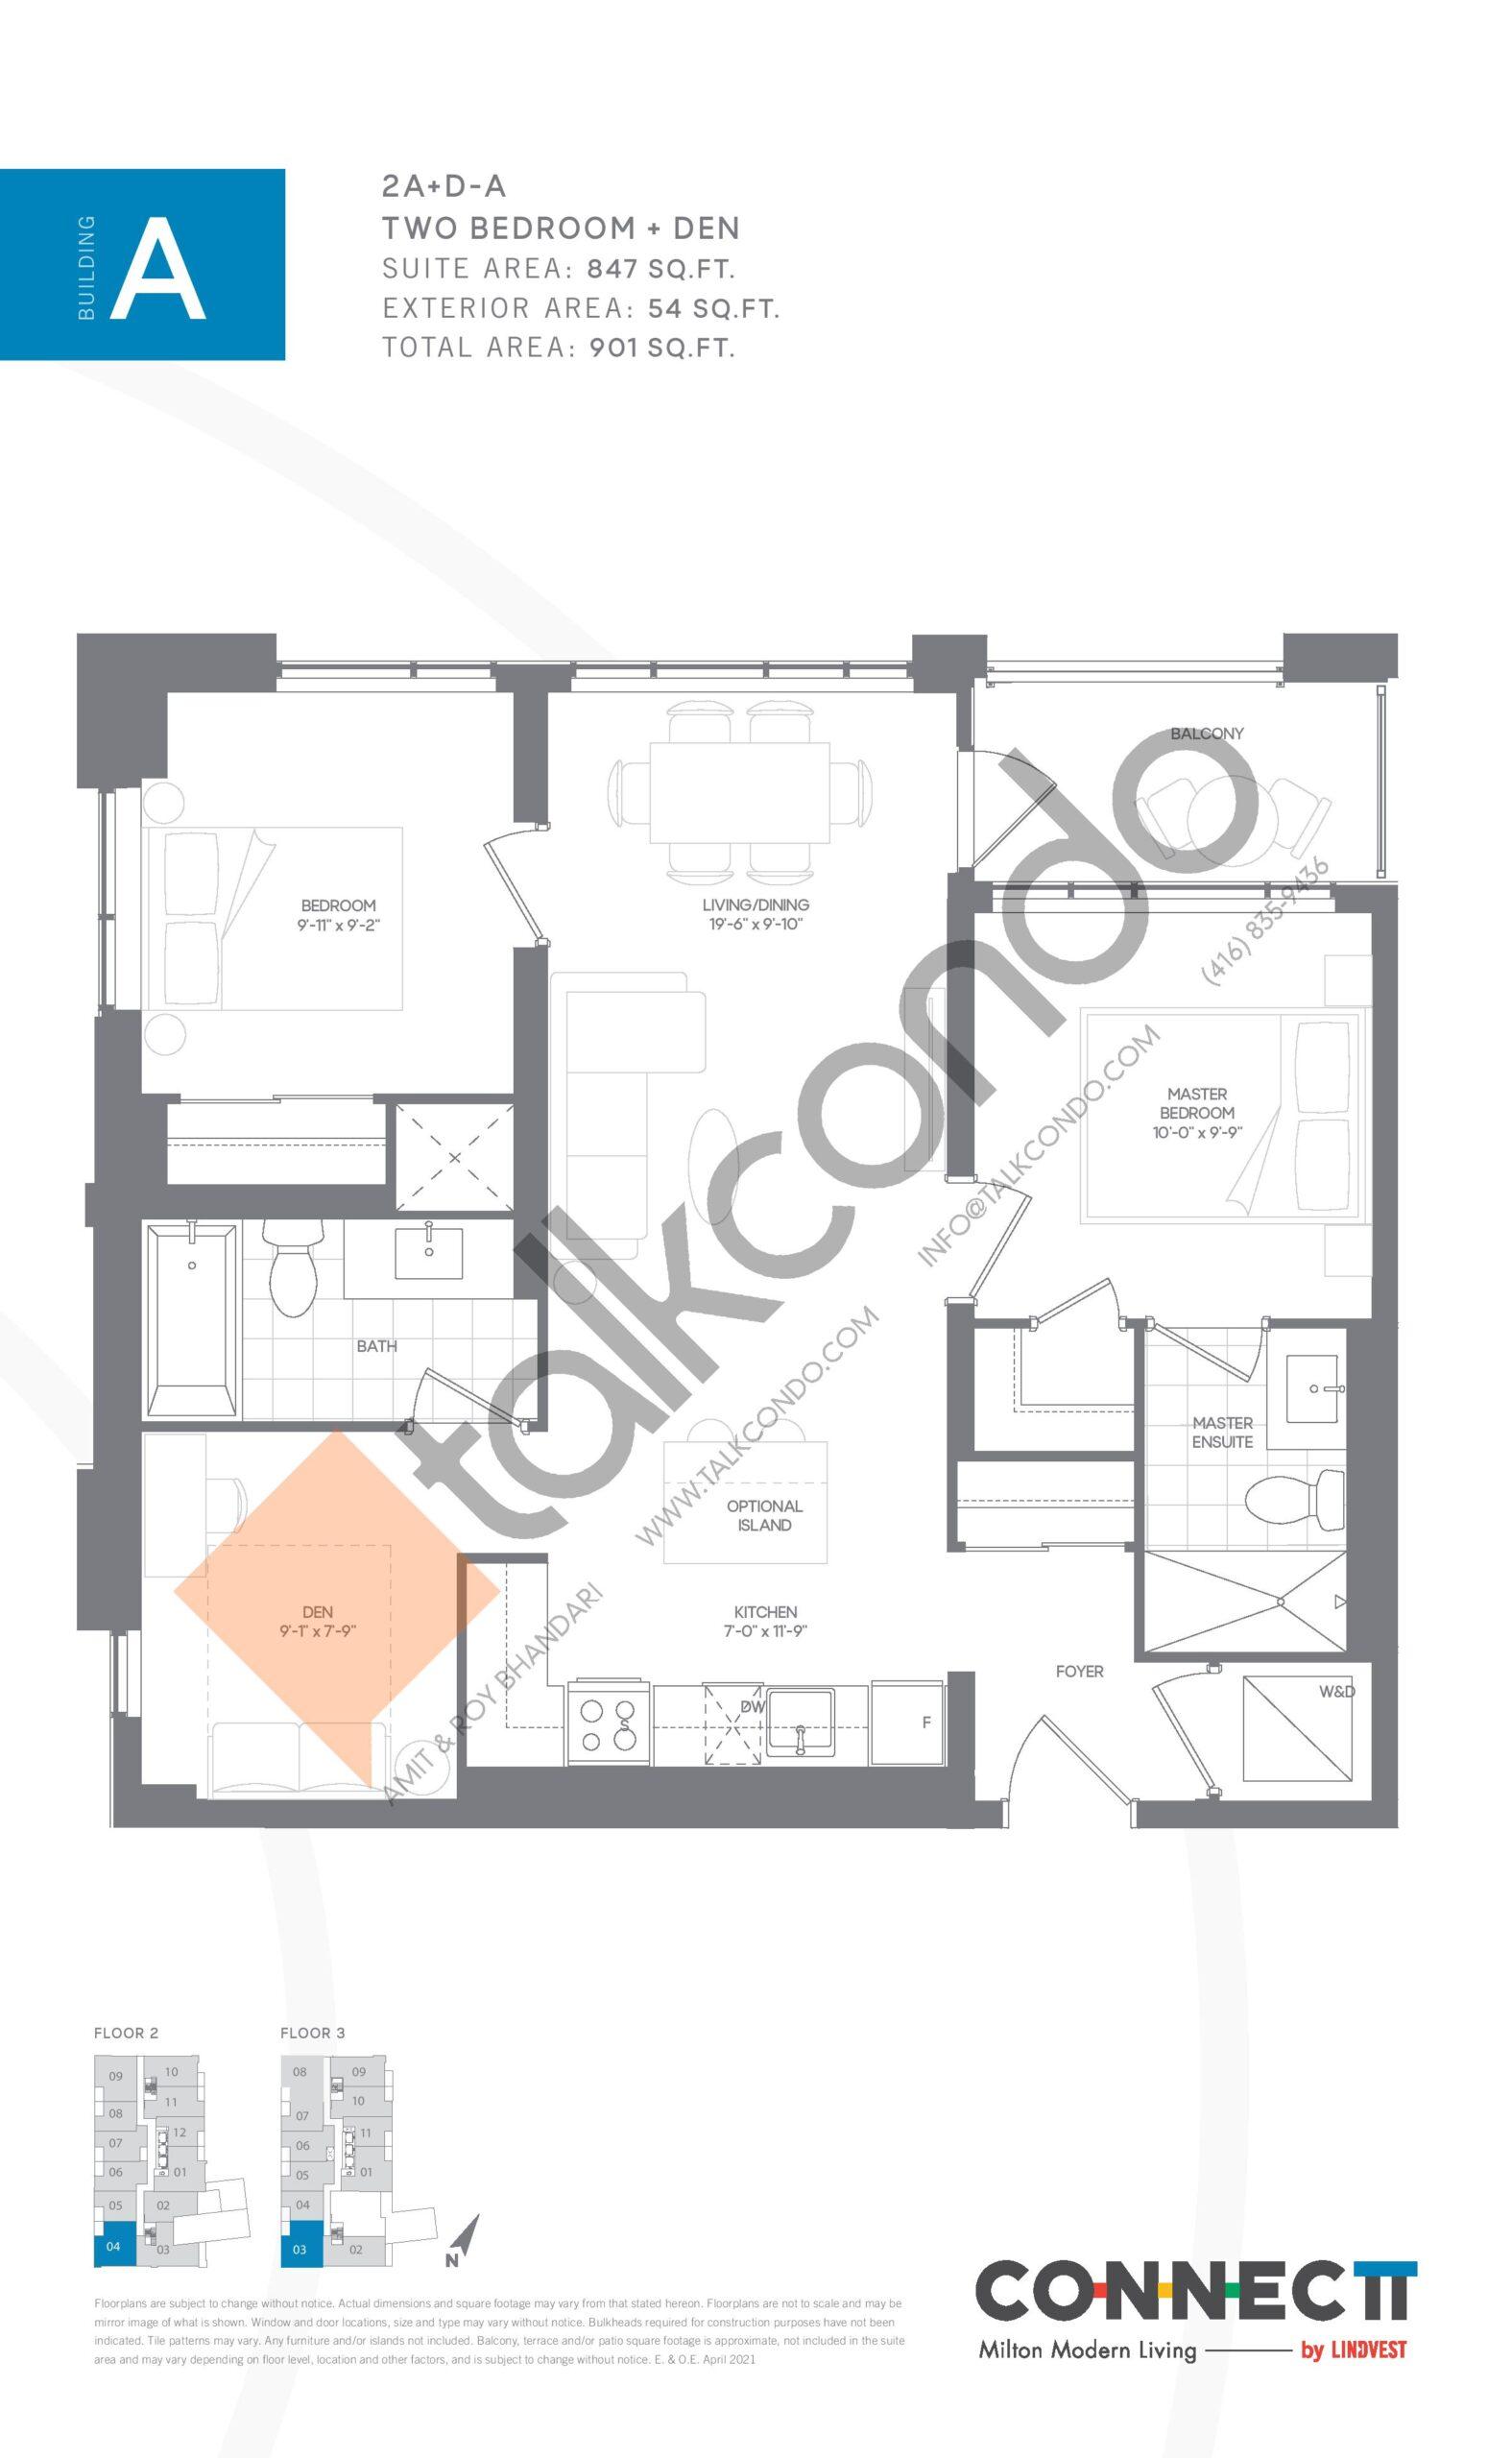 2A+D-A Floor Plan at Connectt Urban Community Condos - 847 sq.ft